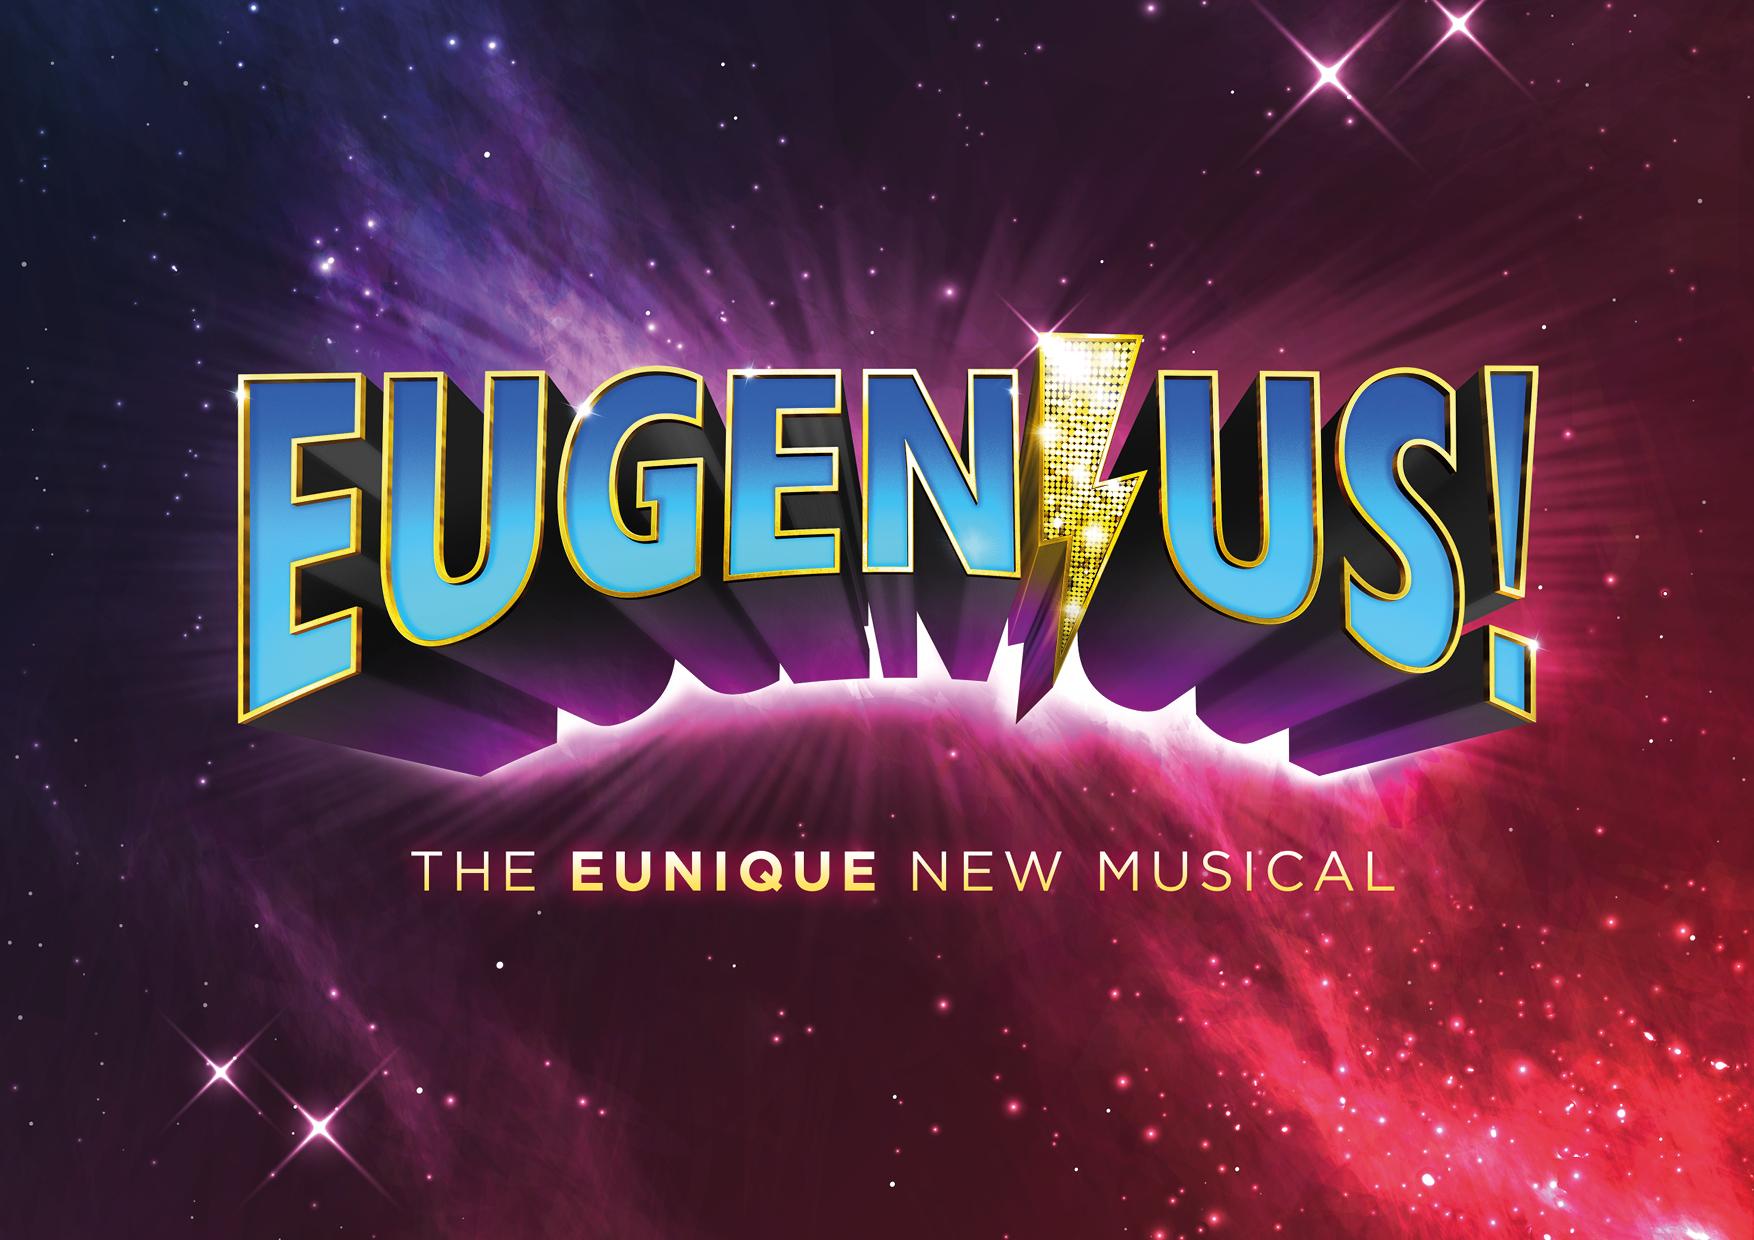 Eugenius_A6